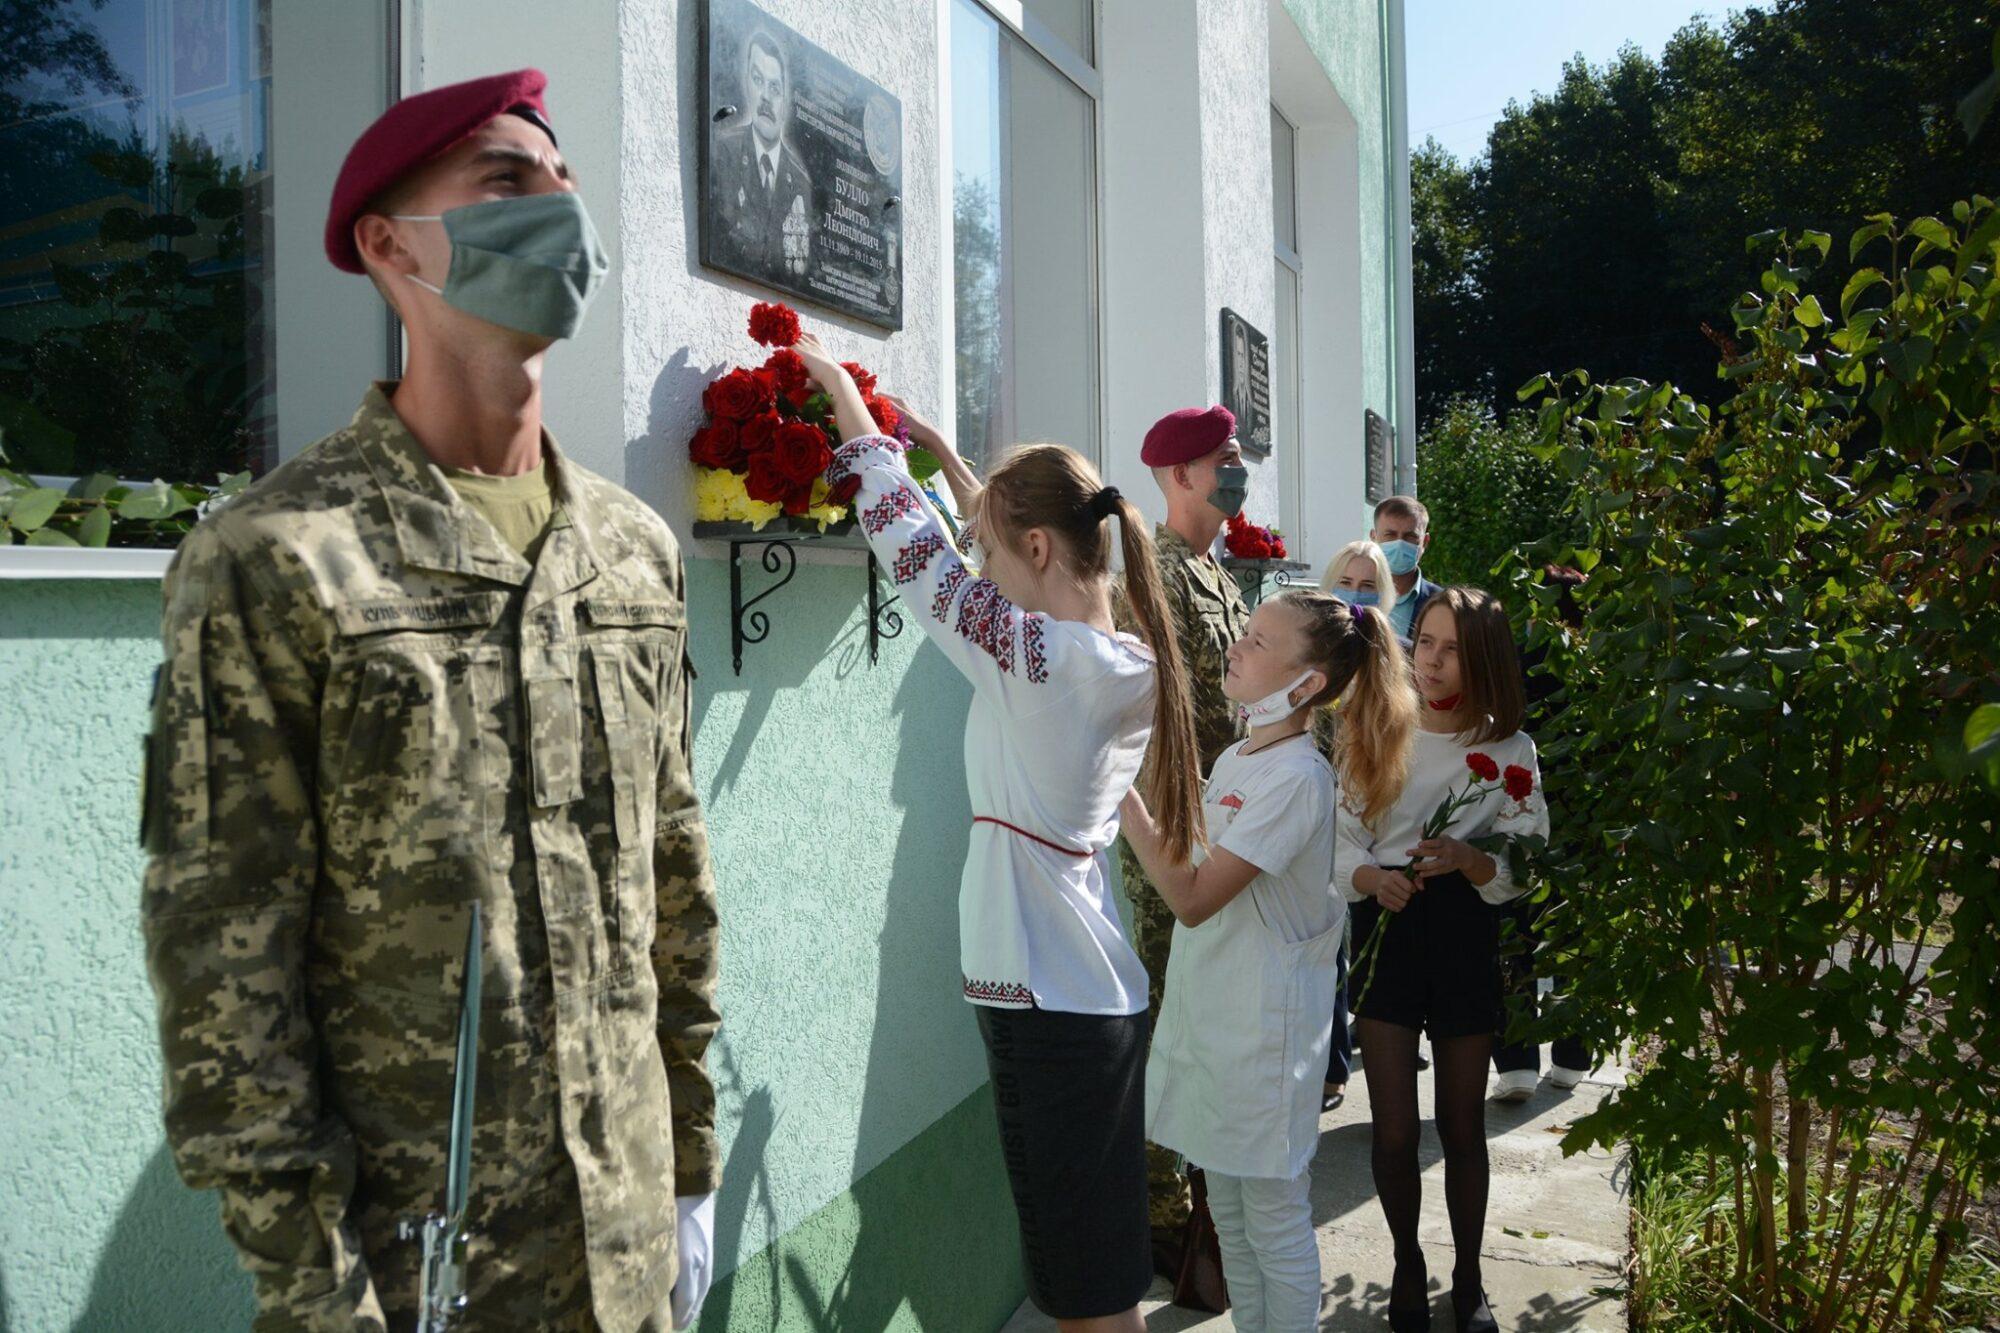 У Вишгороді встановили меморіальну дошку на честь захисника України Дмитра Булло - Захисники, Вшанування памяті - Buyalo osn 2000x1333